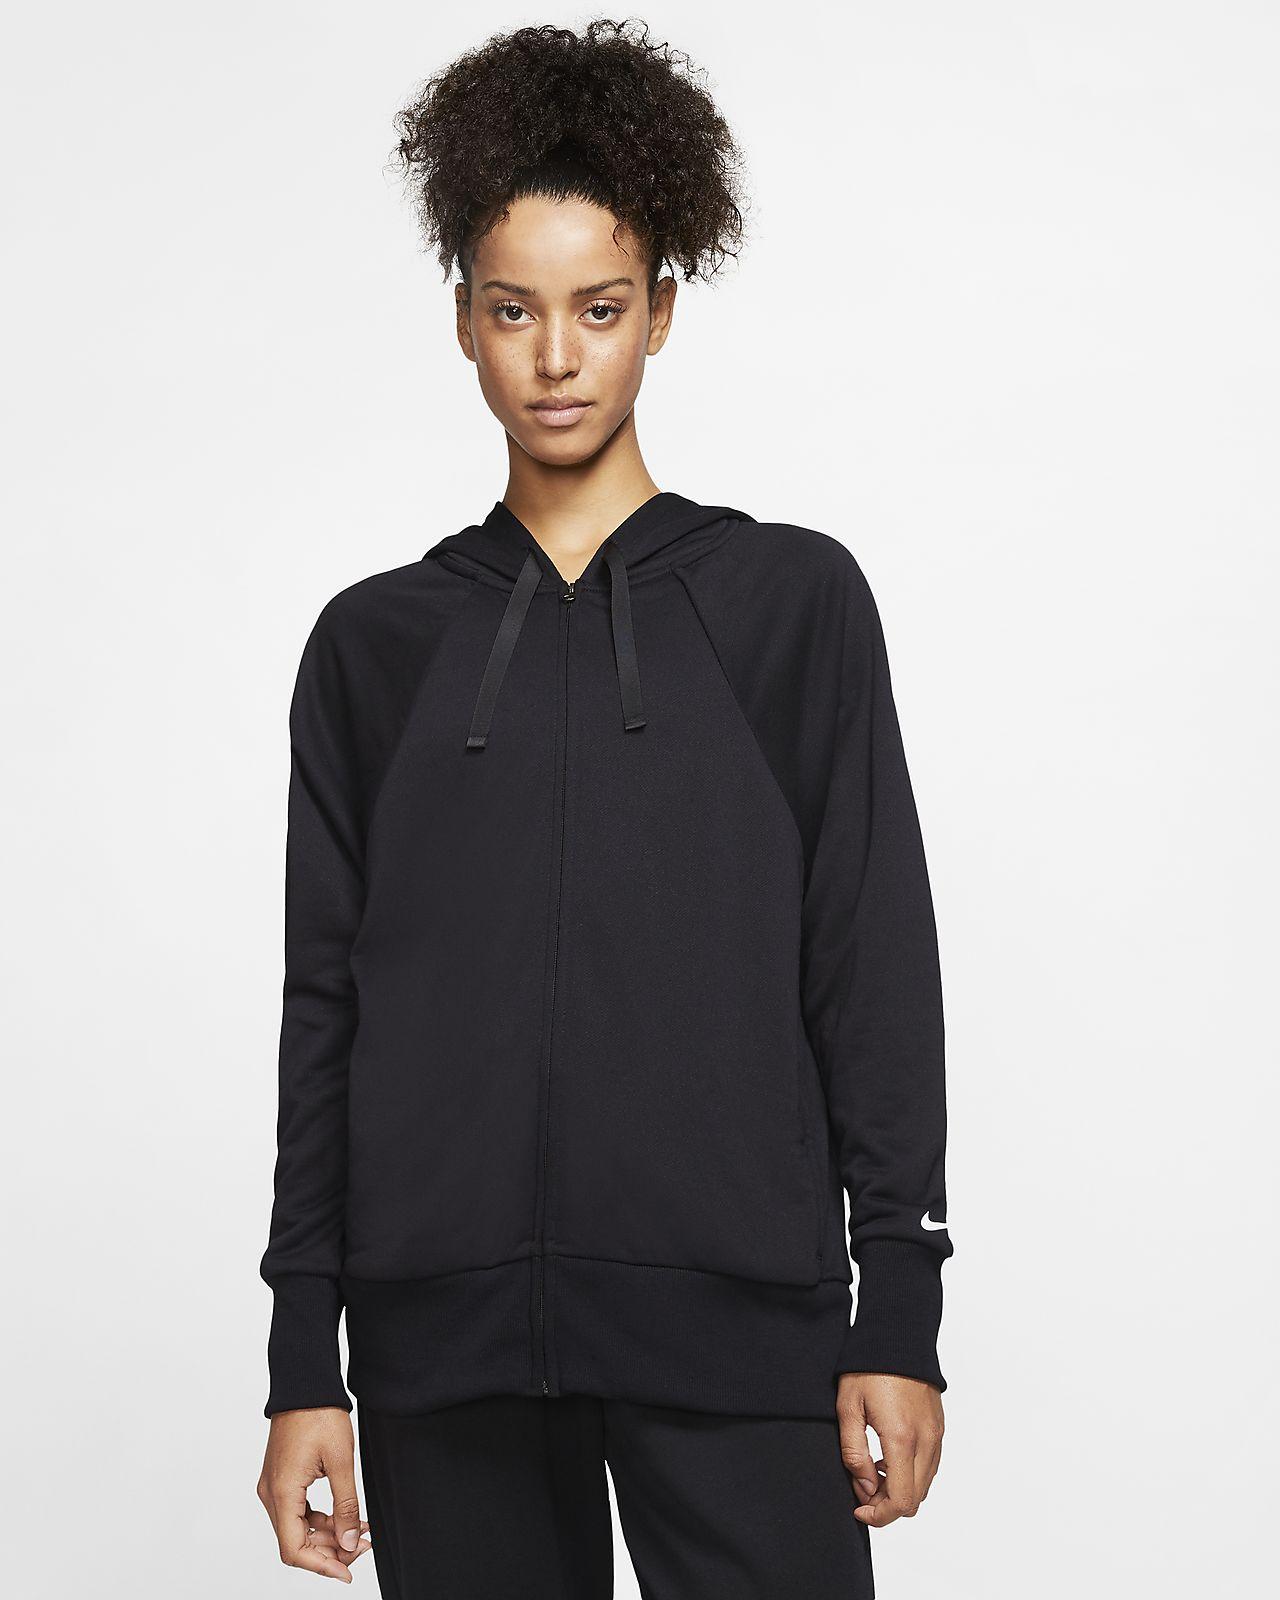 Sweat à capuche de training à zip en tissu Fleece Nike Dri-FIT Get Fit pour Femme